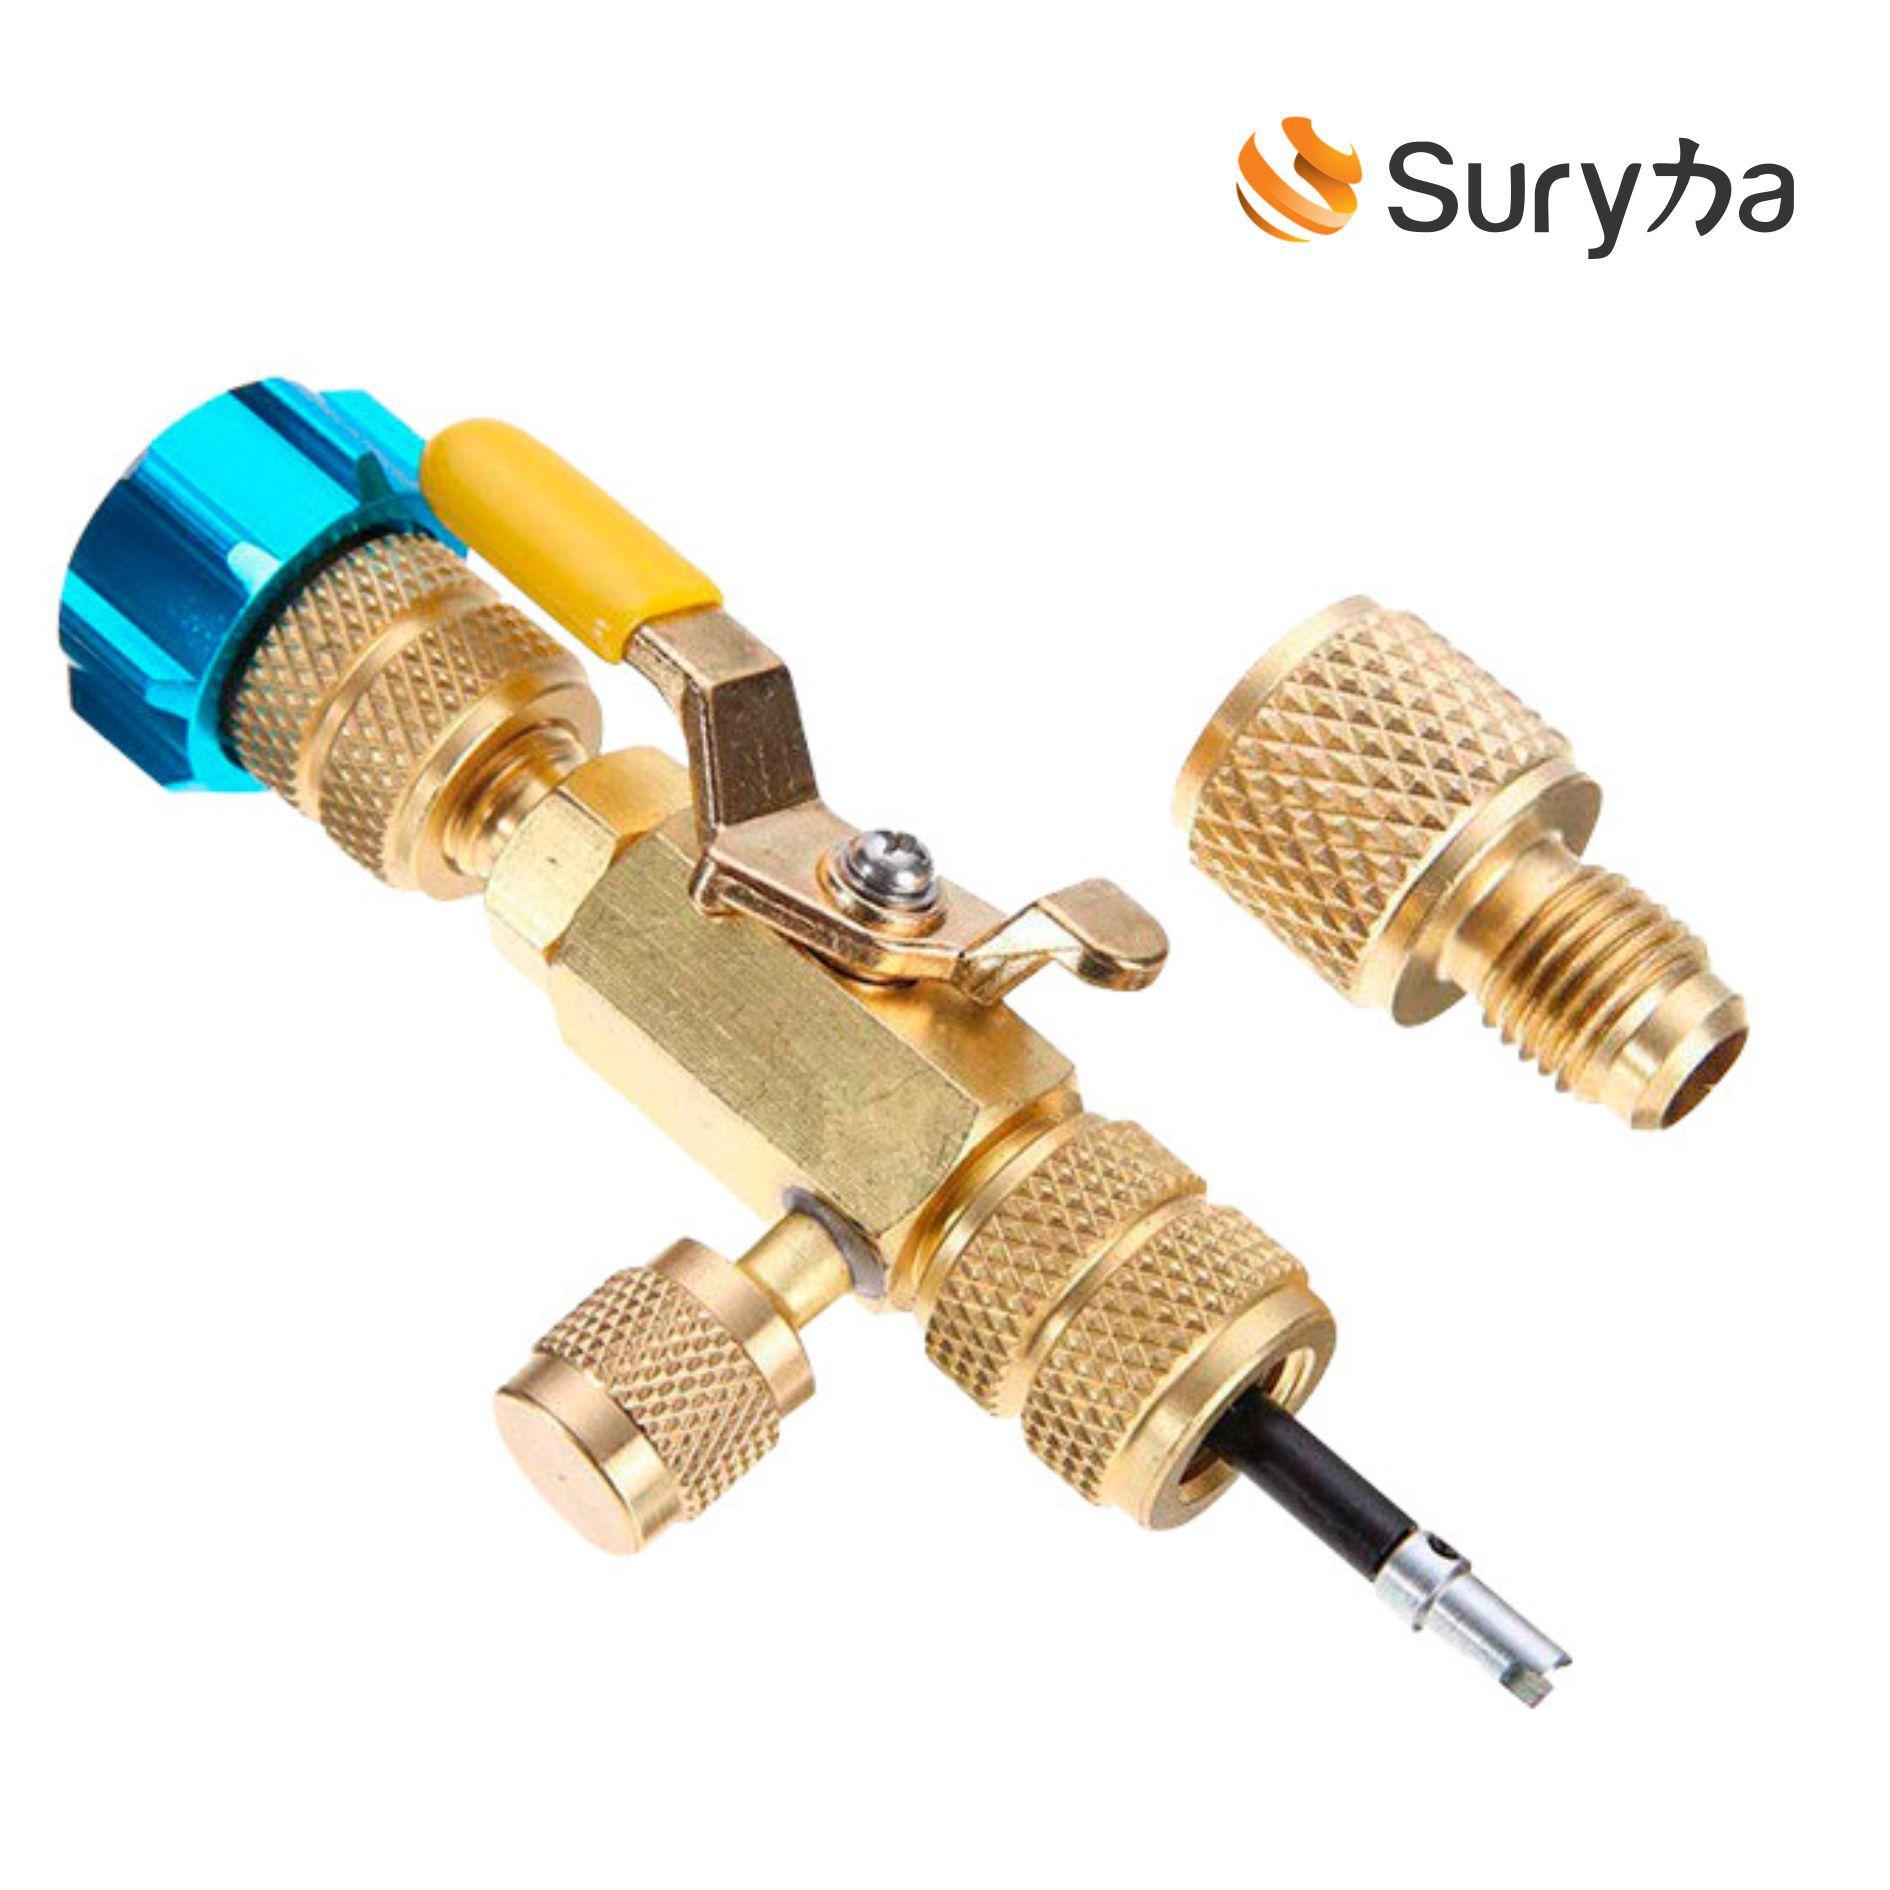 Extrator de Válvula de Serviço Schrader Suryha 80170.026 com Adaptador